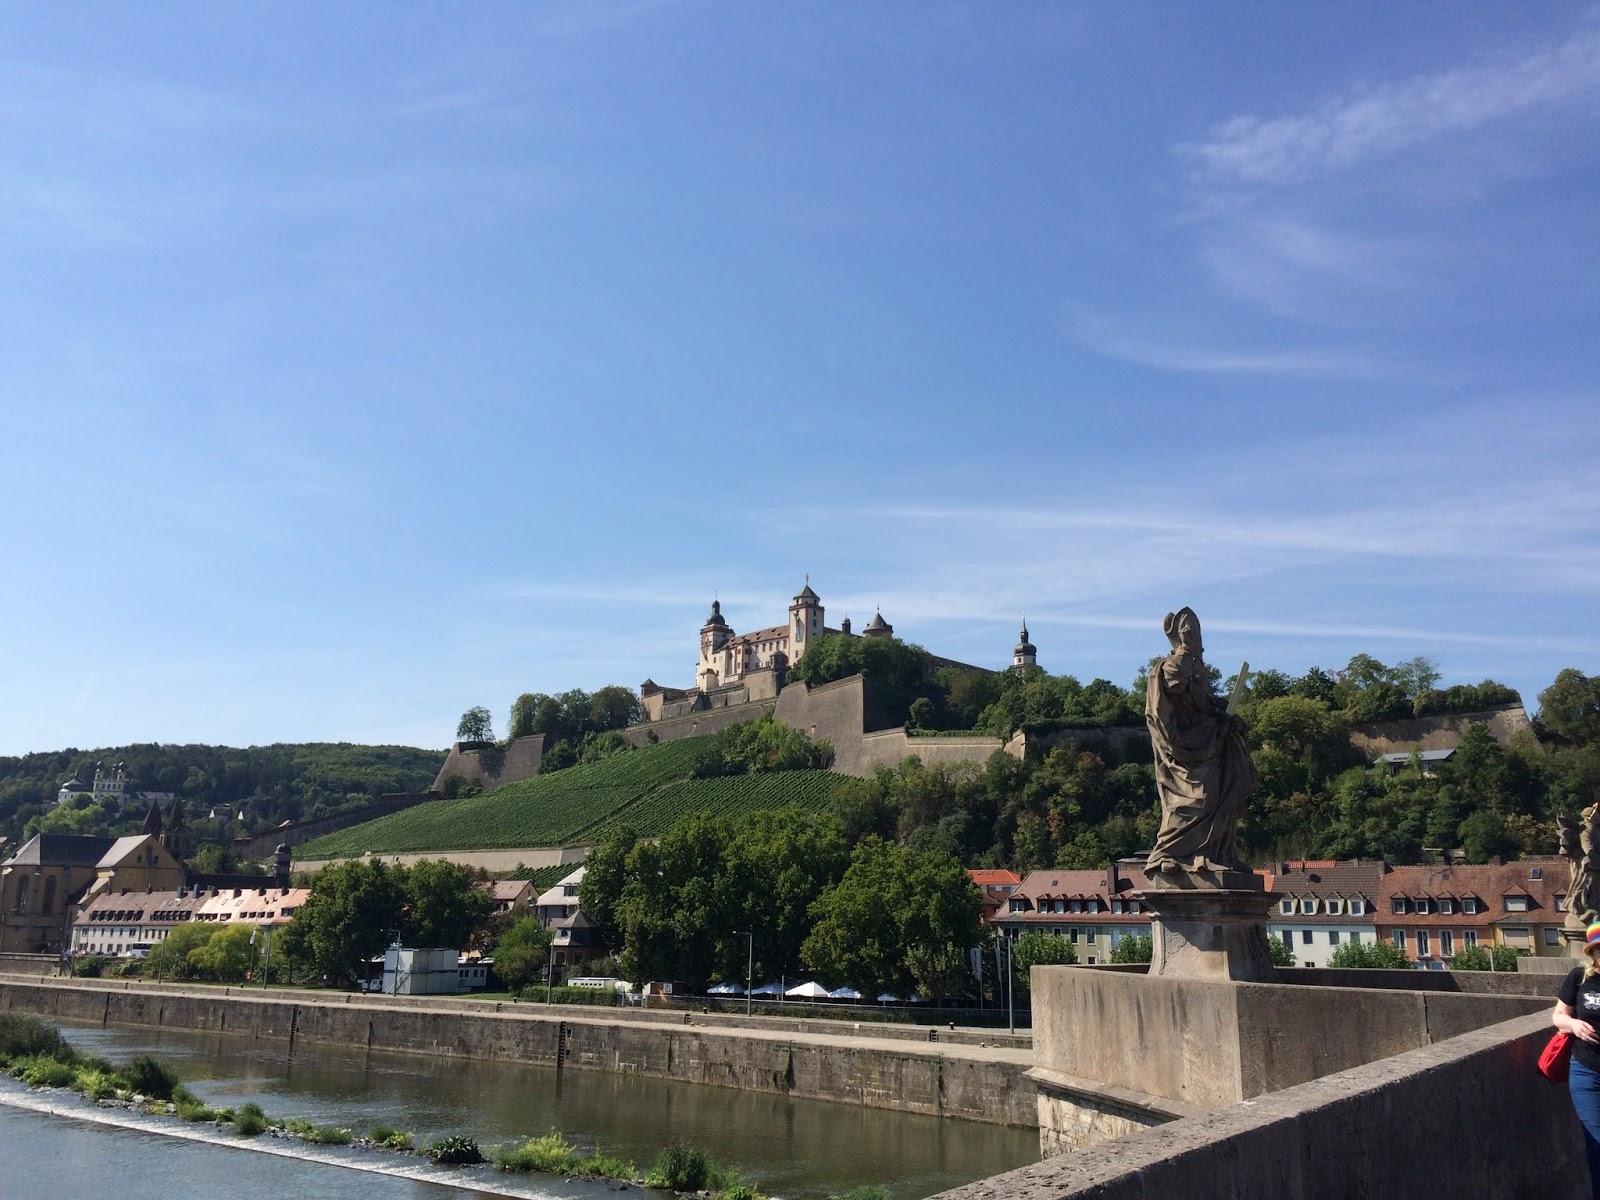 Jakobsweg von Würzburg nach Speyer